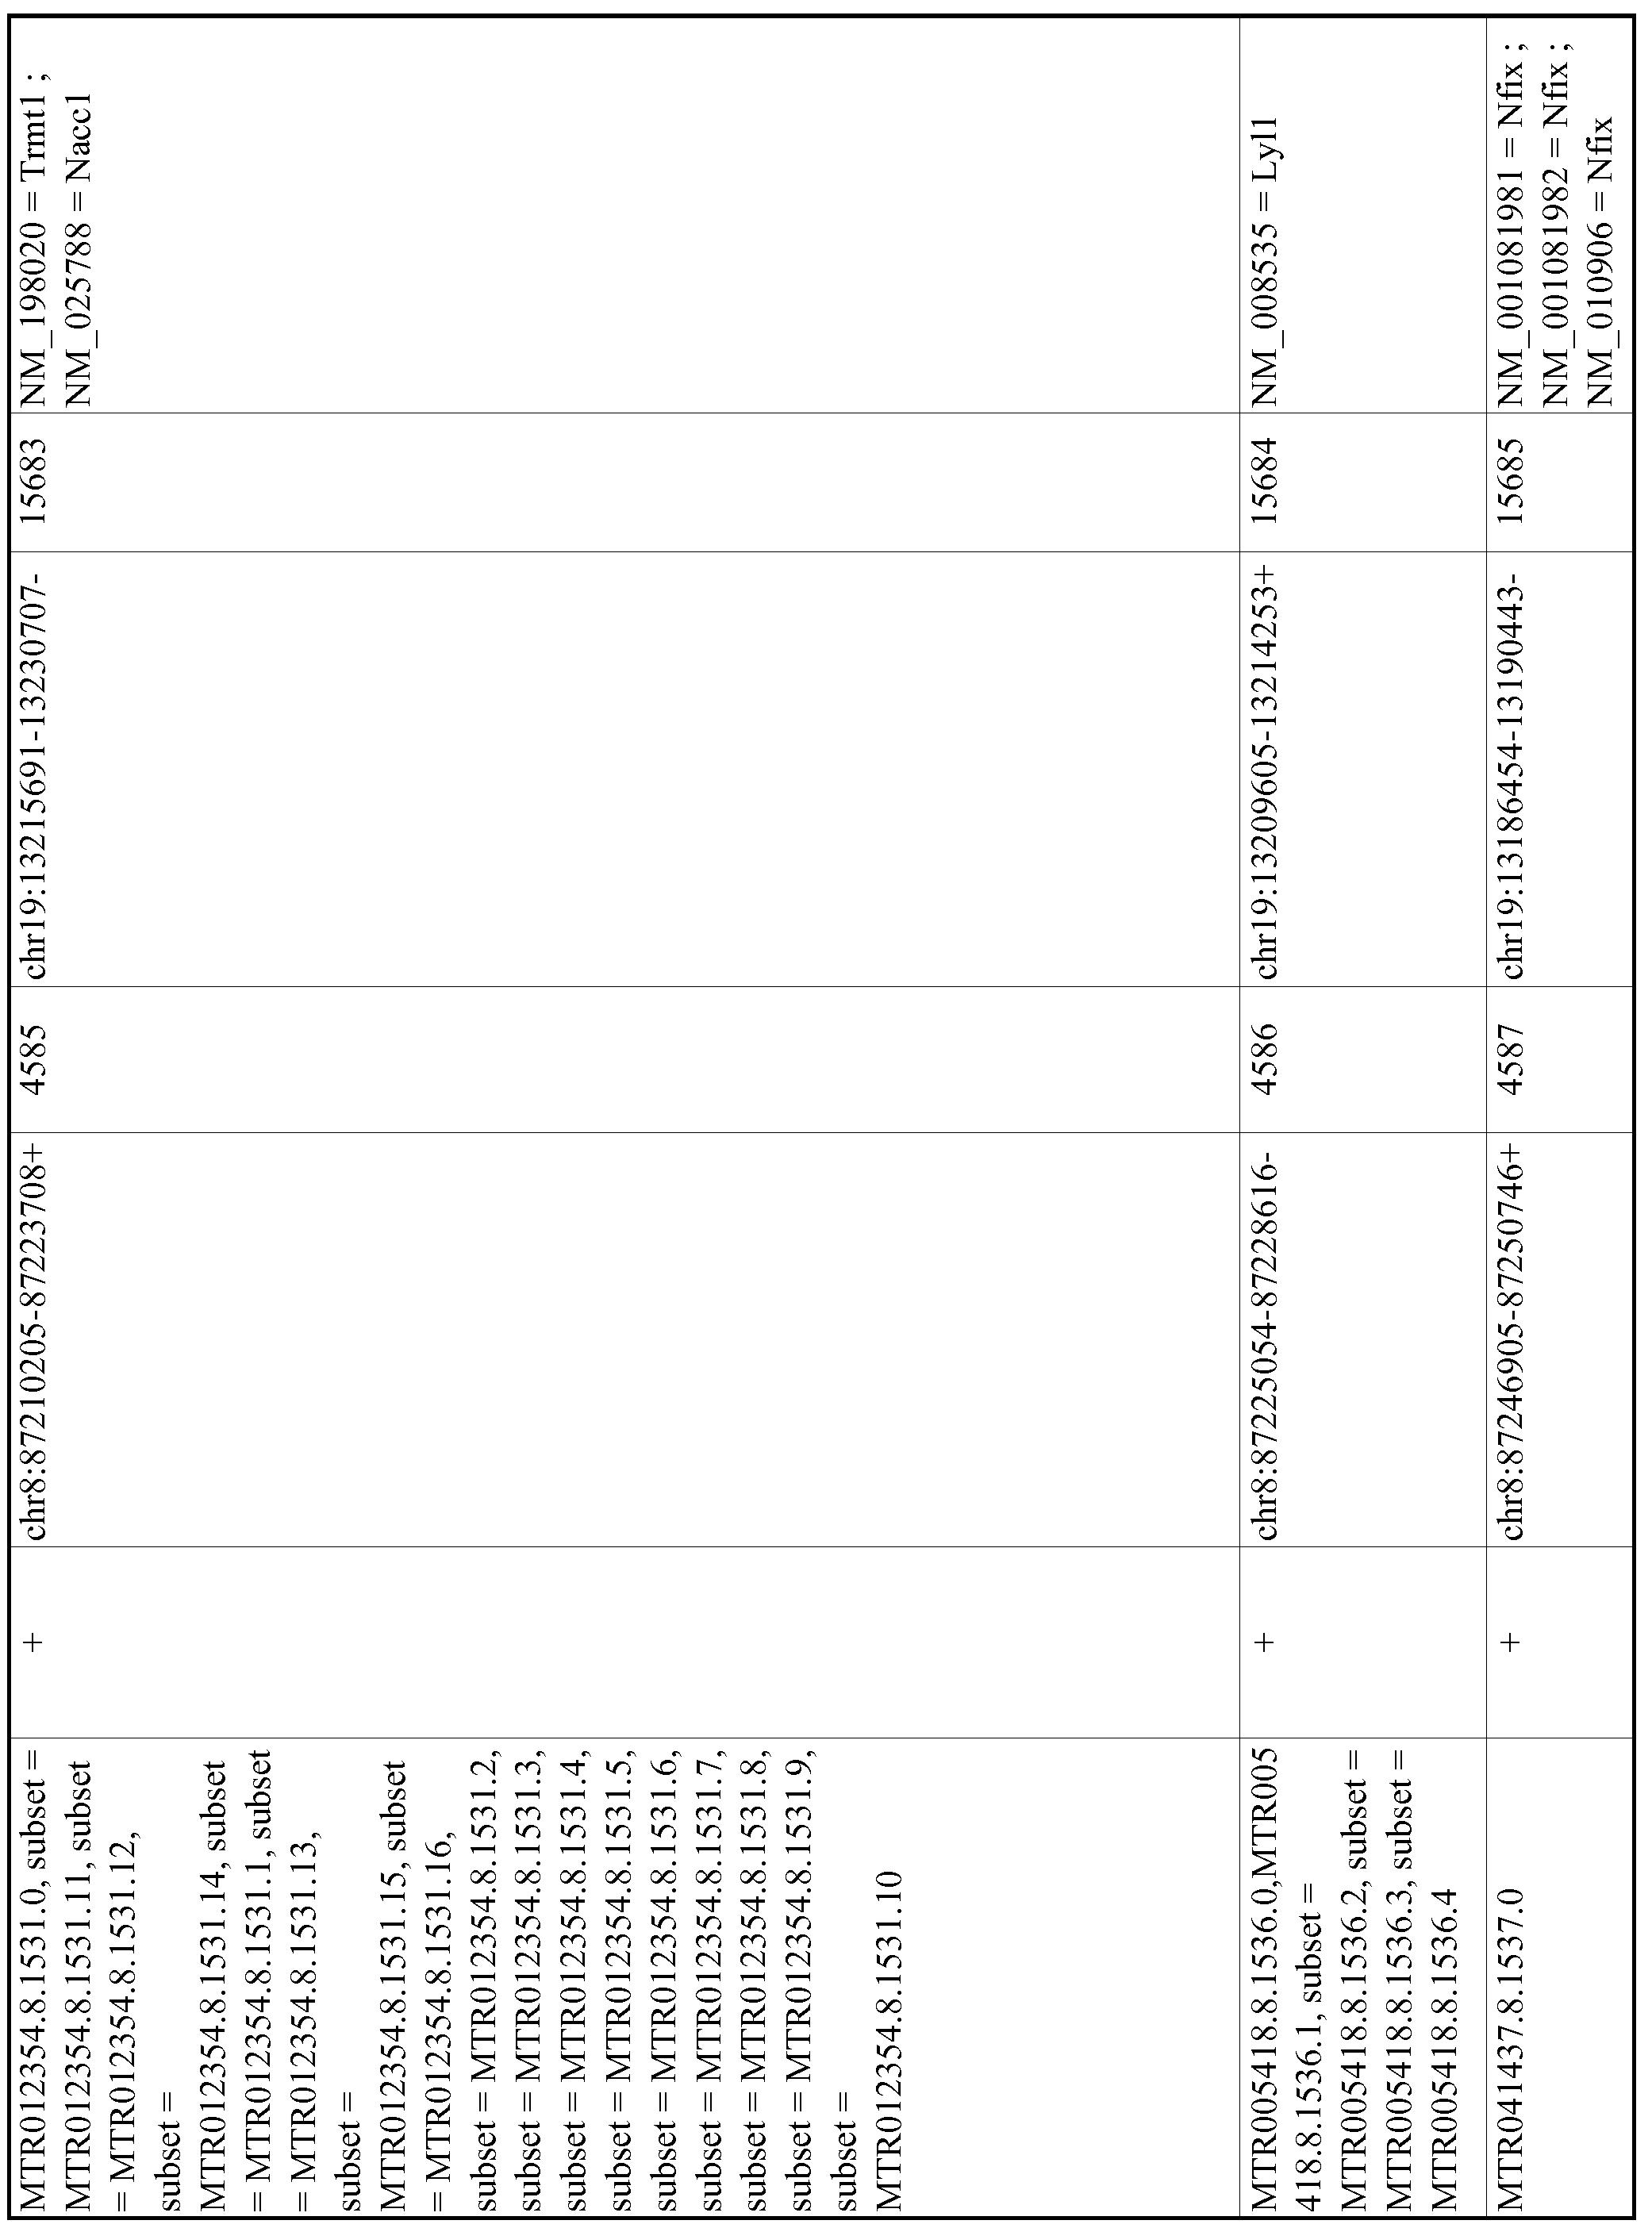 Figure imgf000851_0001